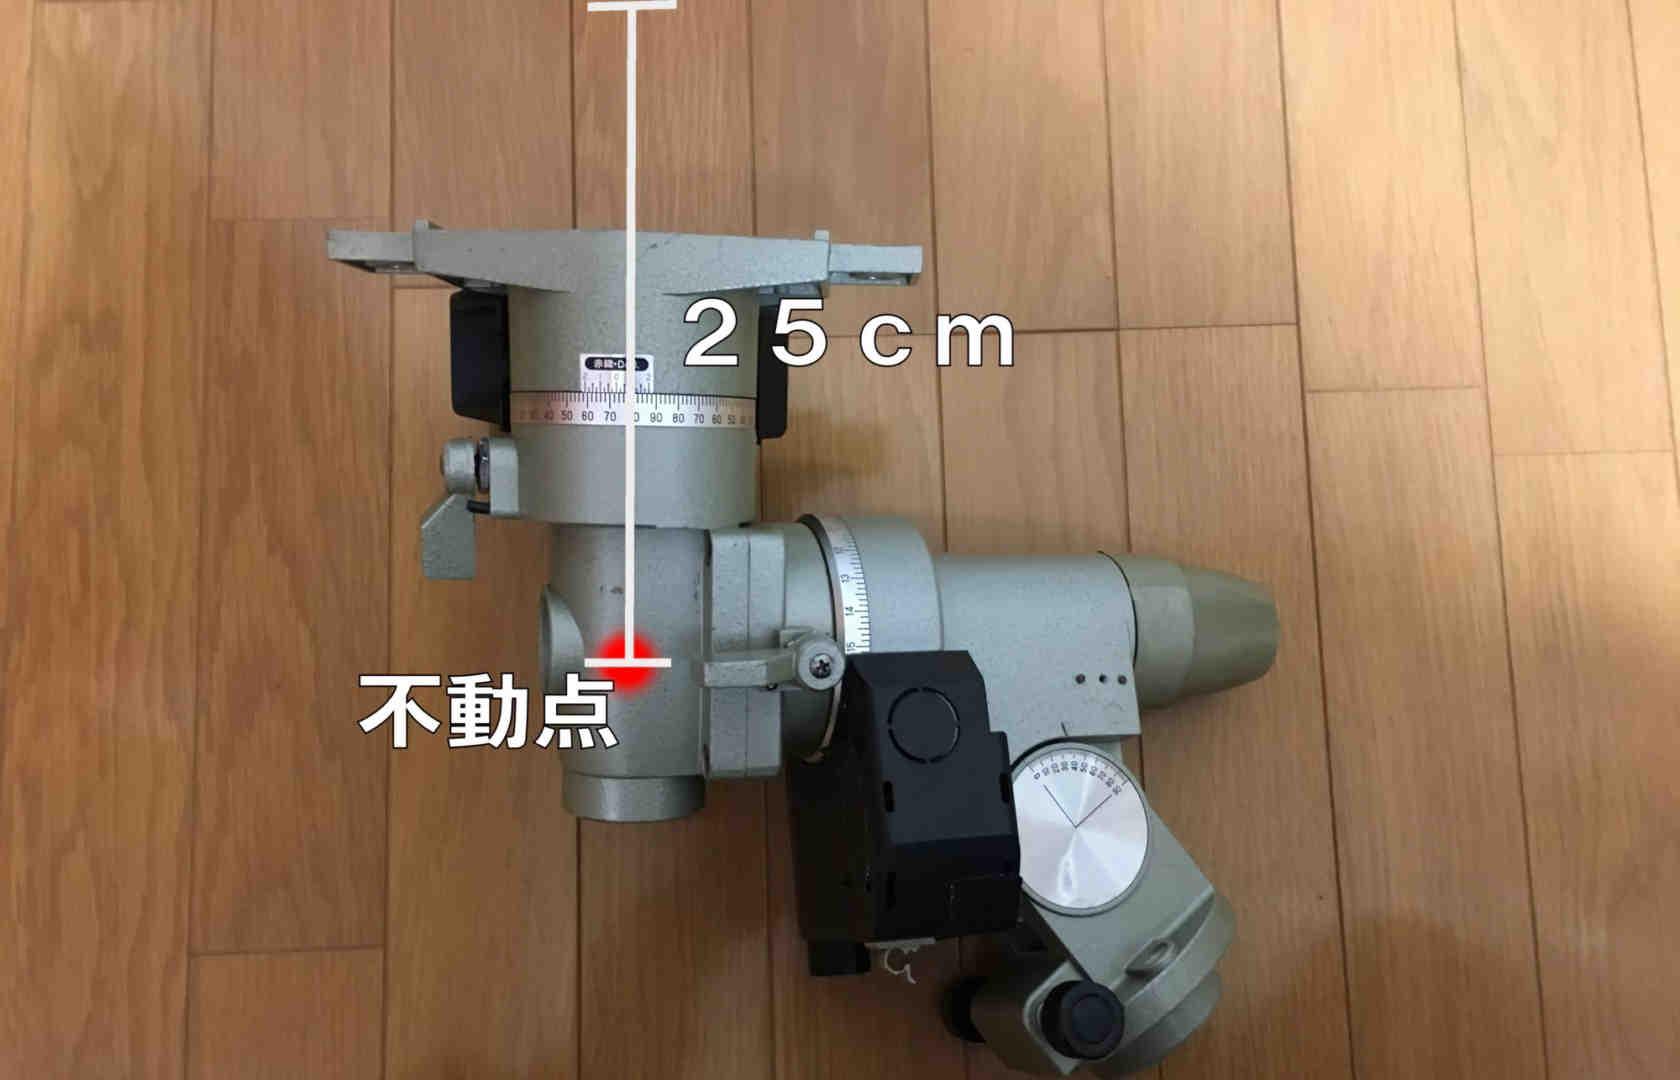 赤道儀の不動点から25cmを表した画像